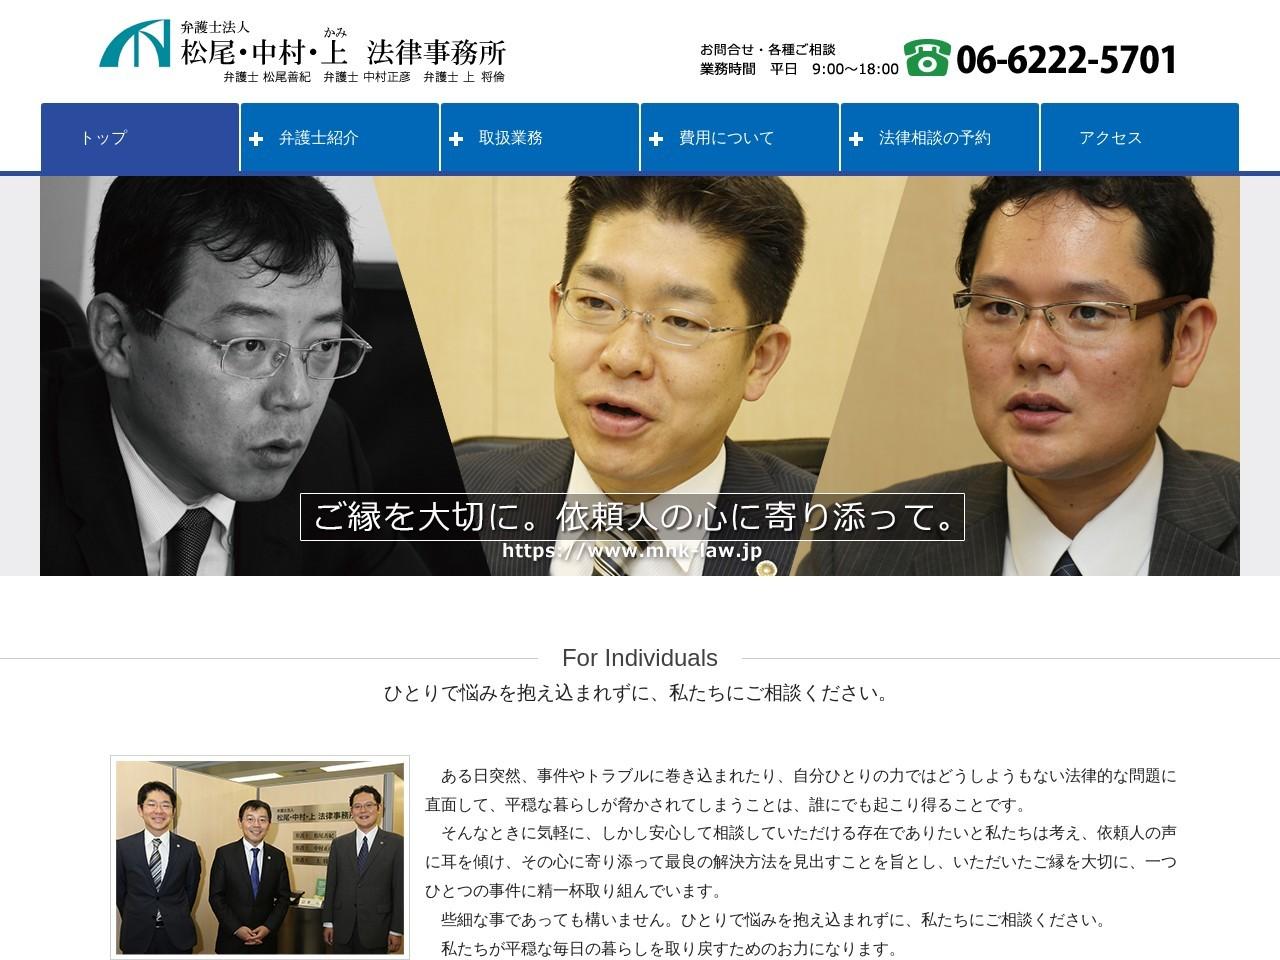 松尾・中村・上法律事務所(弁護士法人)